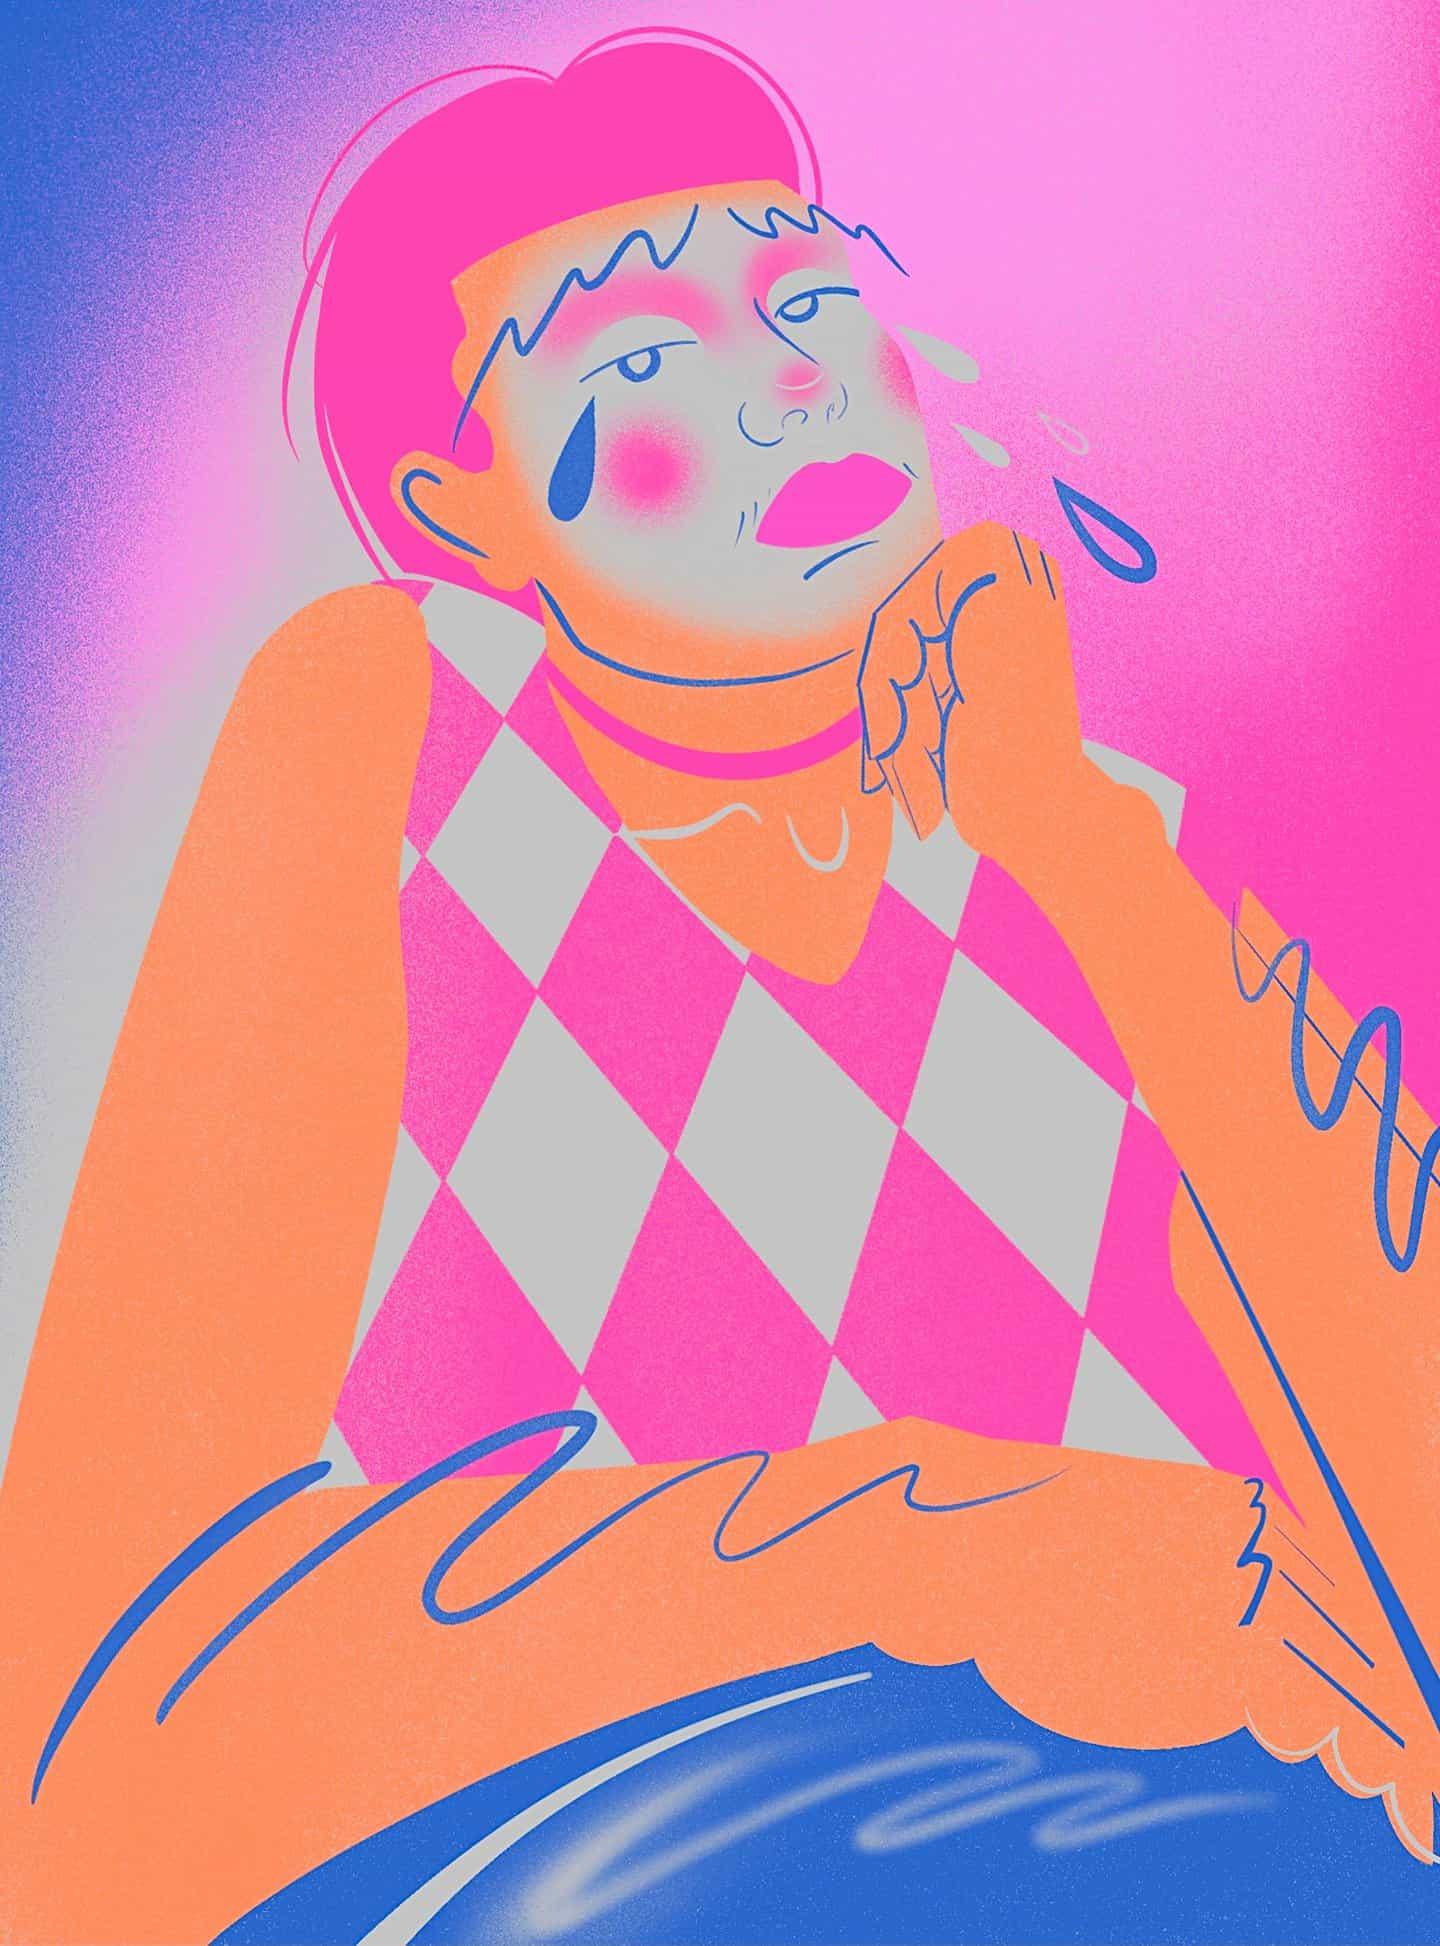 Dominando el arte desinteresado con la ilustradora y animadora de múltiples talentos Florence Burns